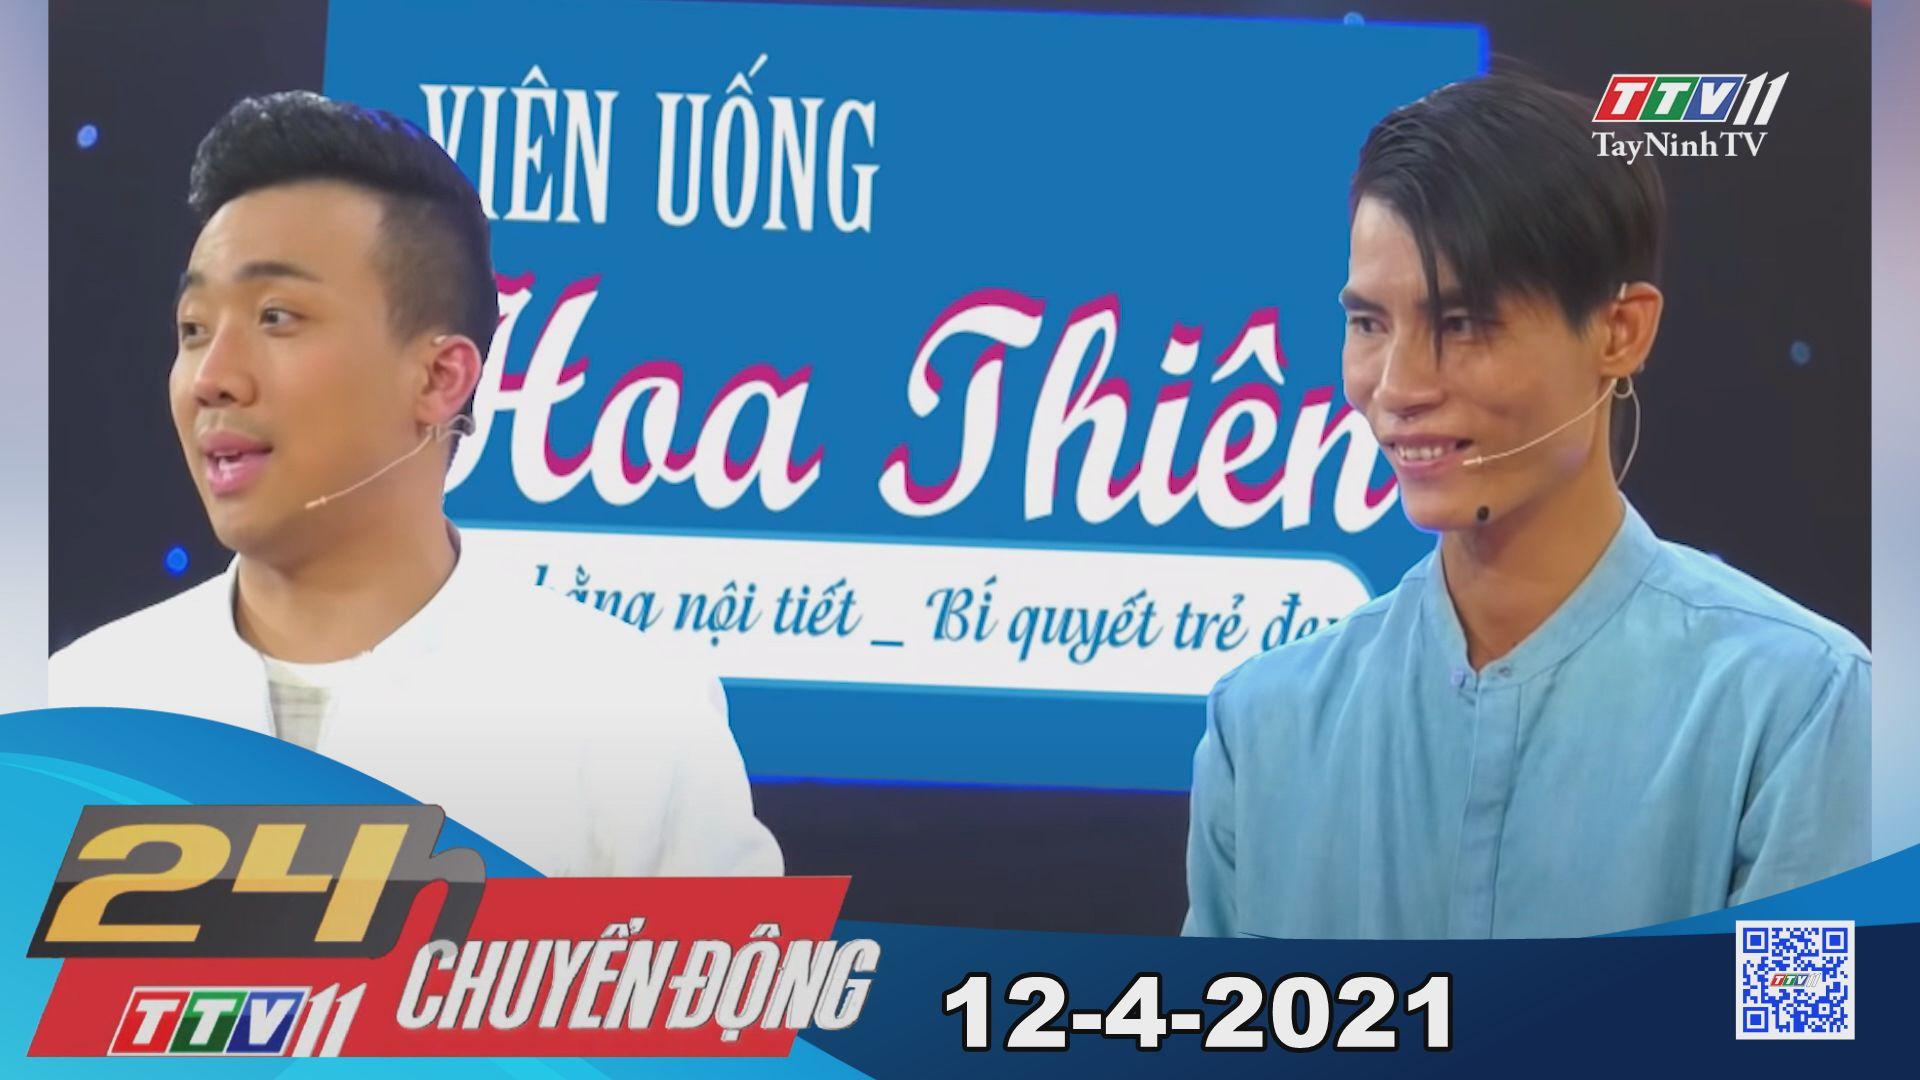 24h Chuyển động 12-4-2021 | Tin tức hôm nay | TayNinhTV